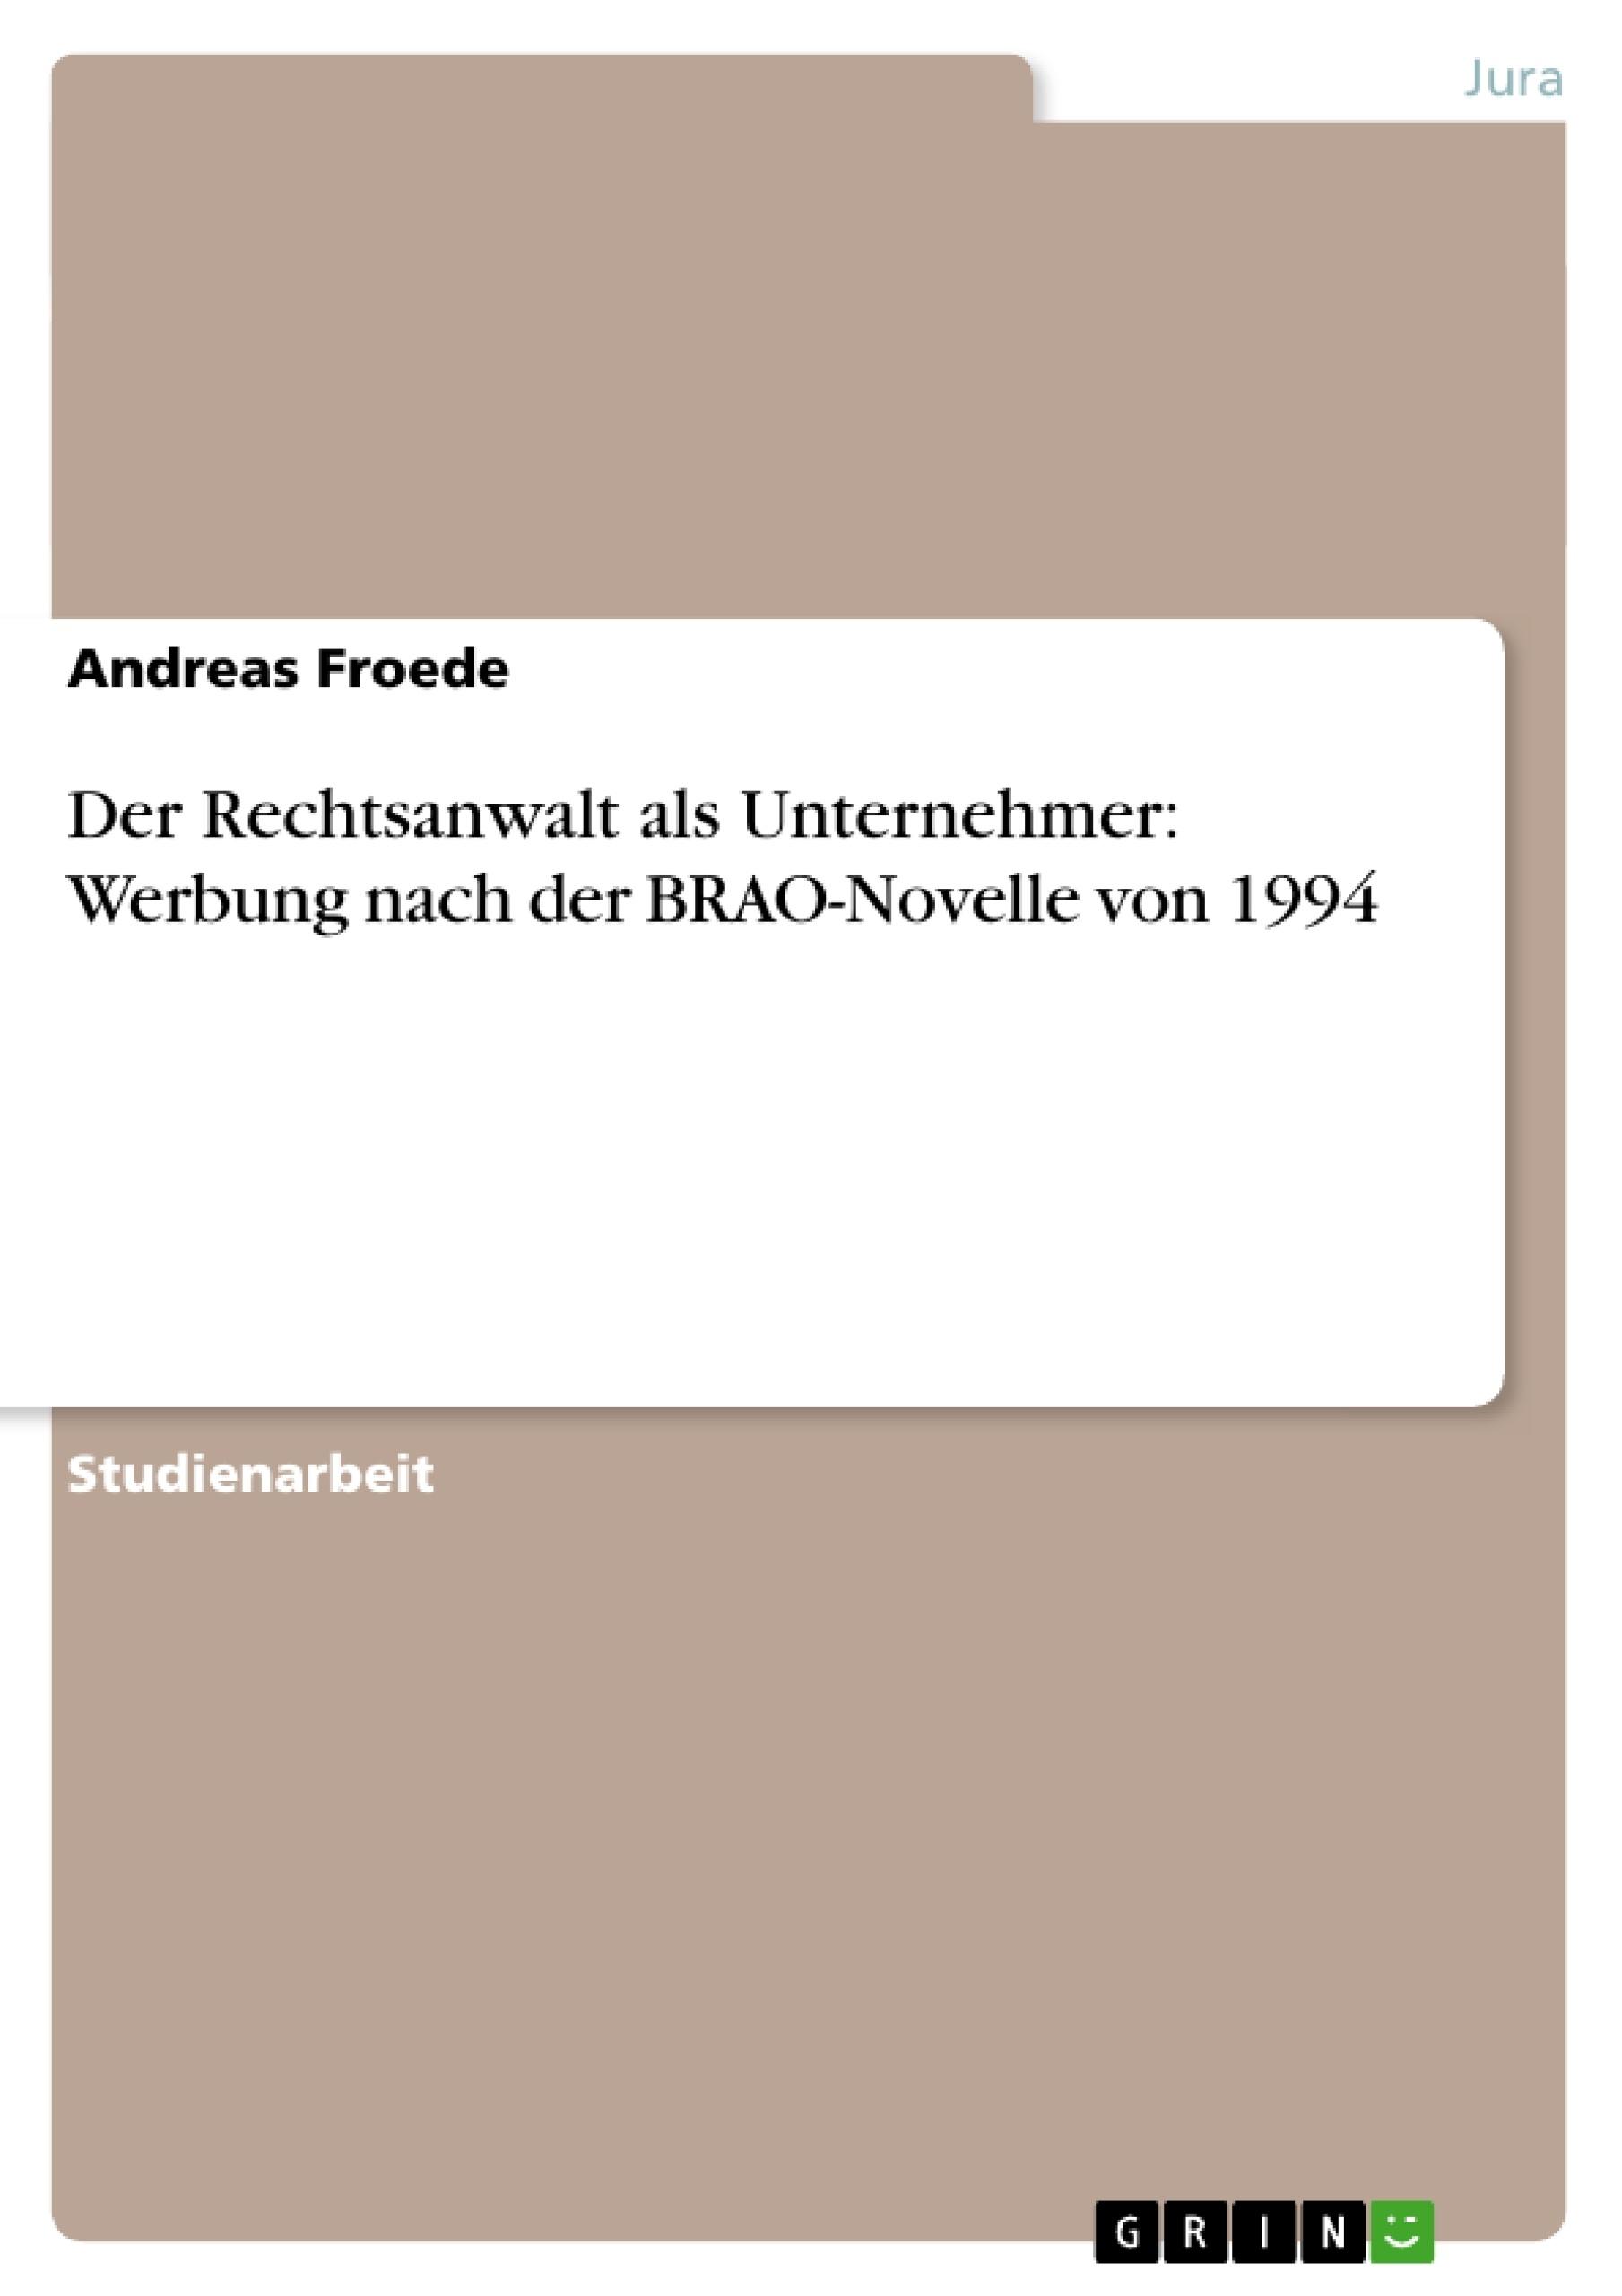 Titel: Der Rechtsanwalt als Unternehmer: Werbung nach der BRAO-Novelle von 1994